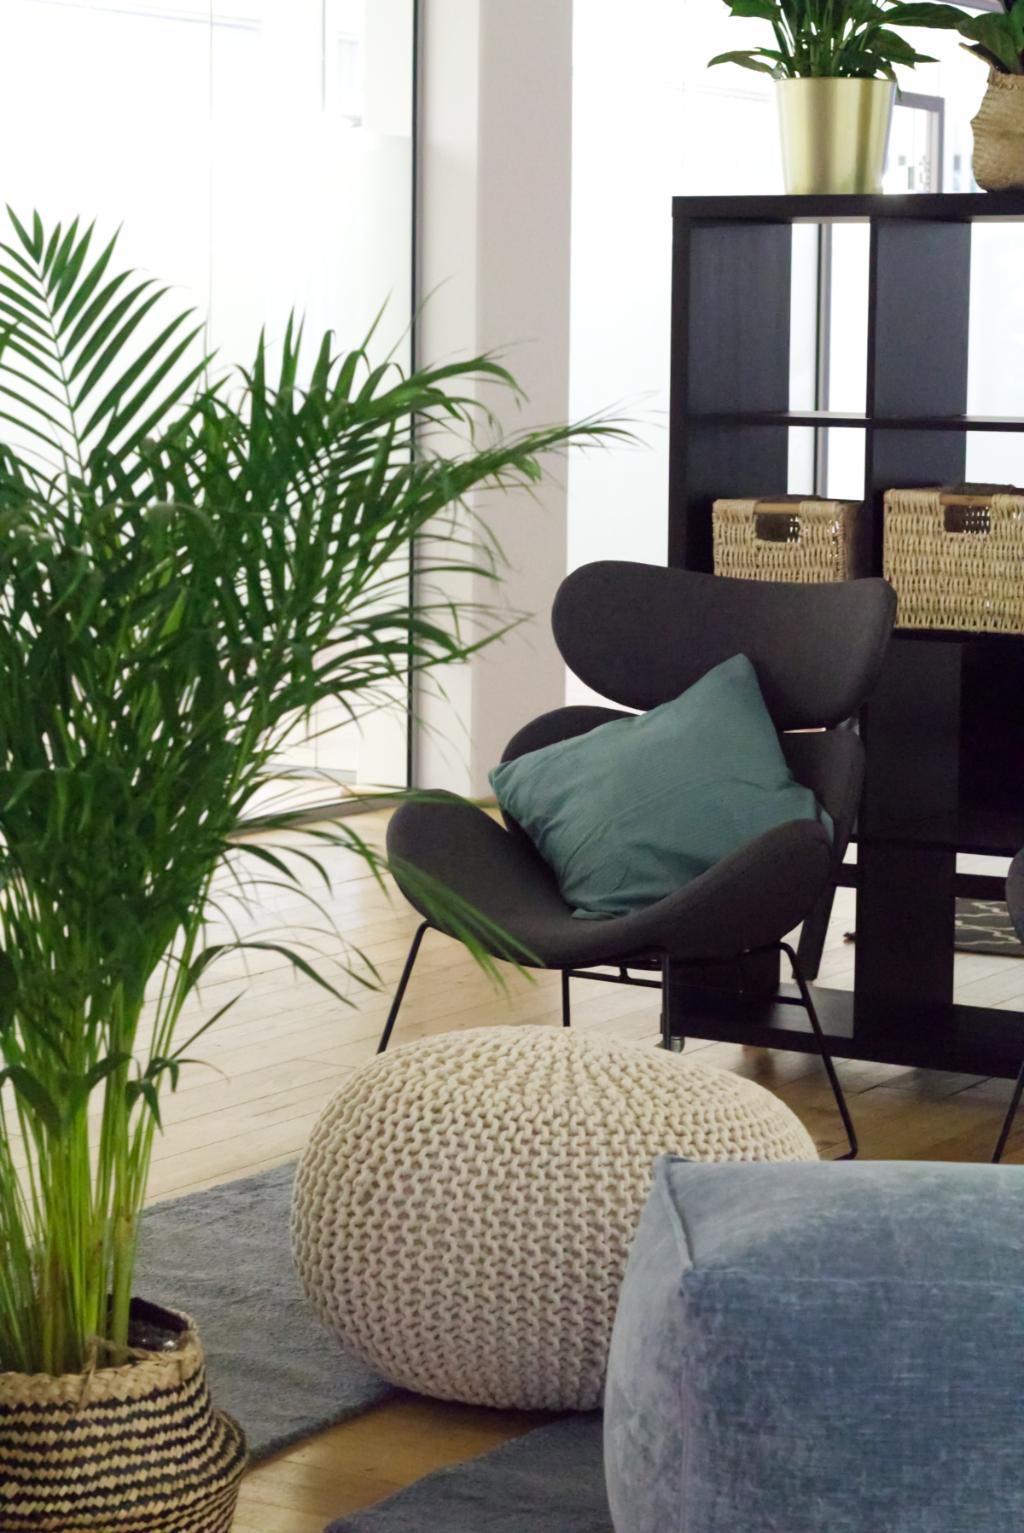 Verschiedene Sitzbereiche des Work Kontor Ahrensburg laden tagsüber zum Arbeiten im Wohlfühlambiente ein.